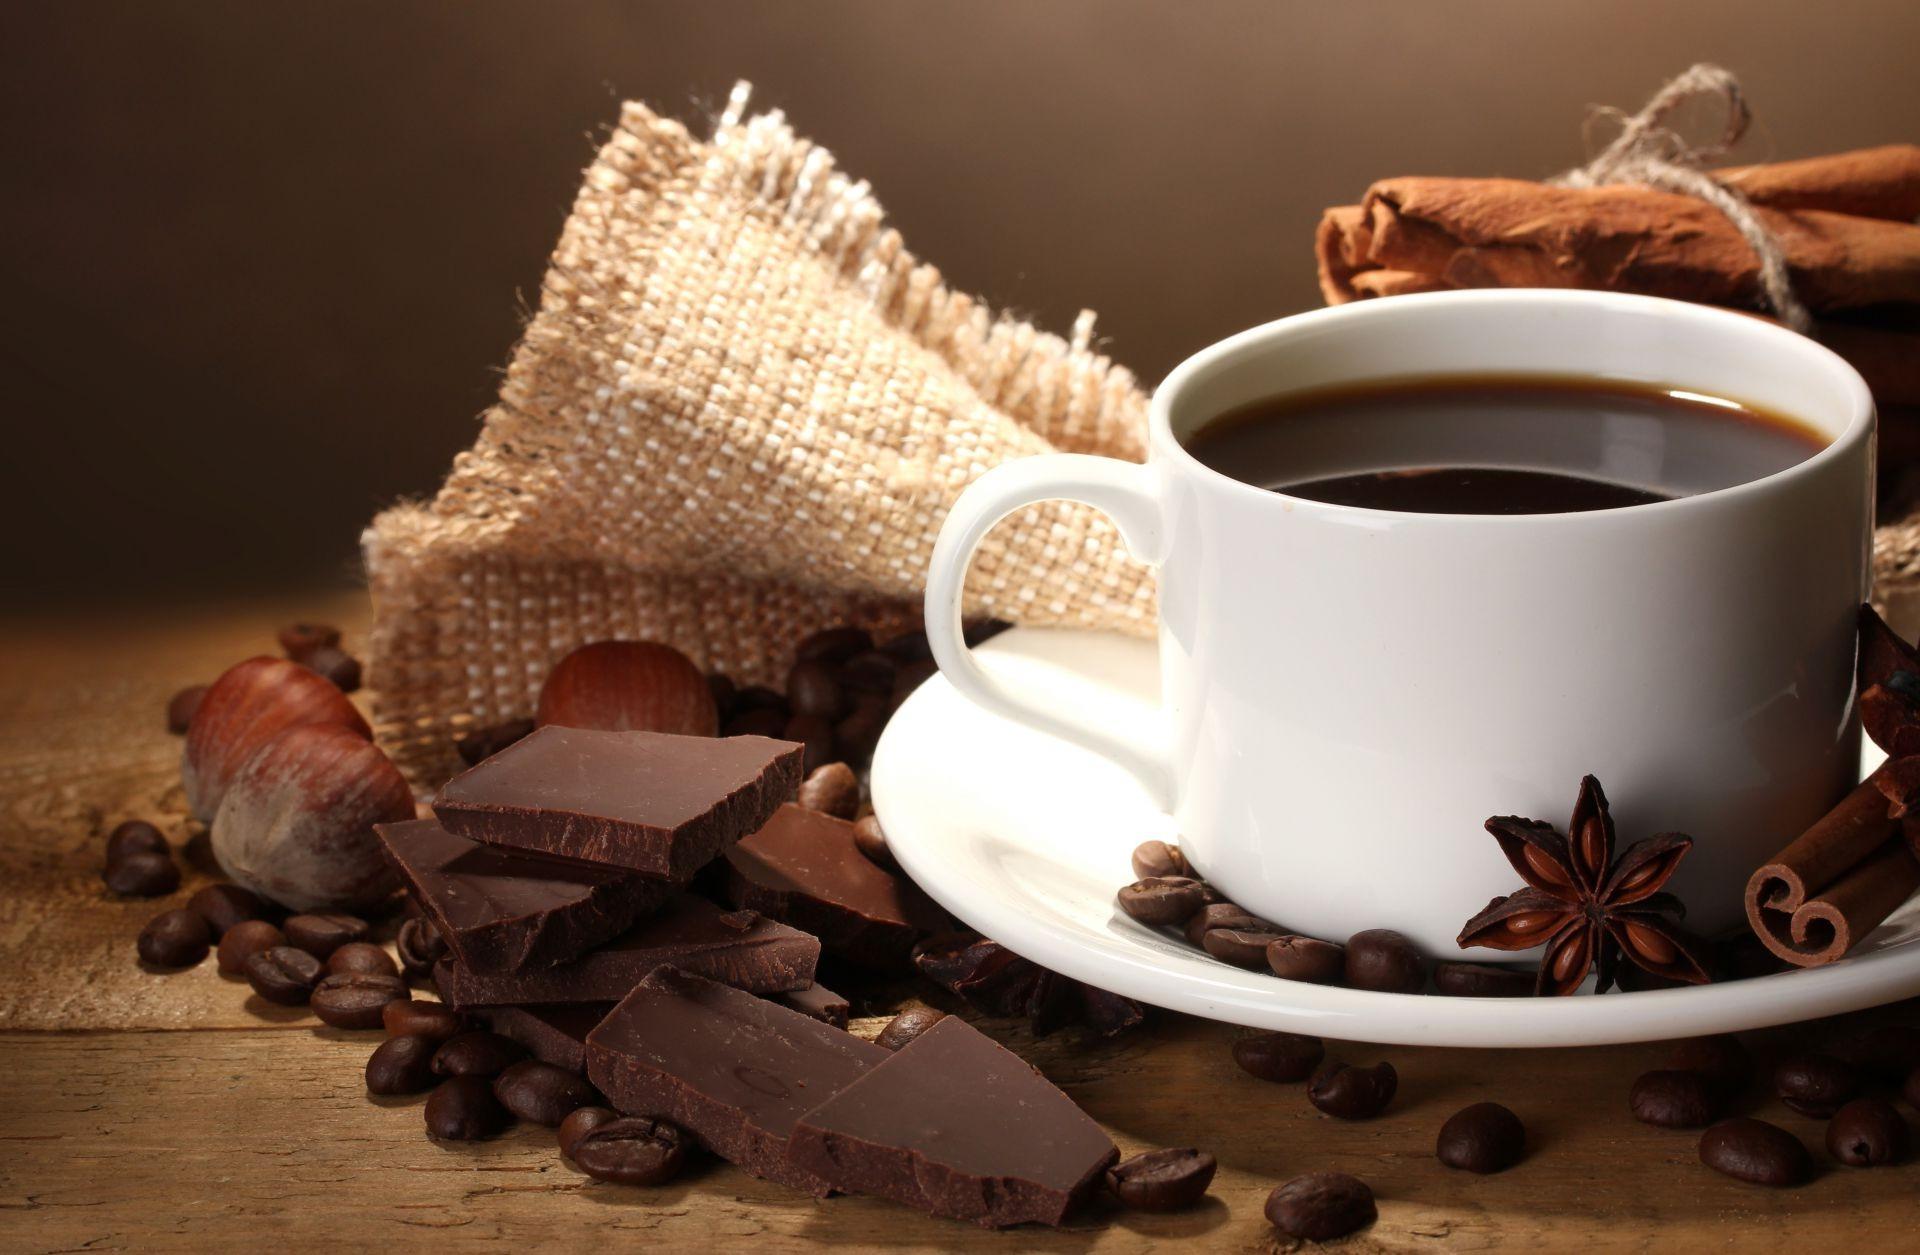 картинки на рабочий стол кофе и шоколад